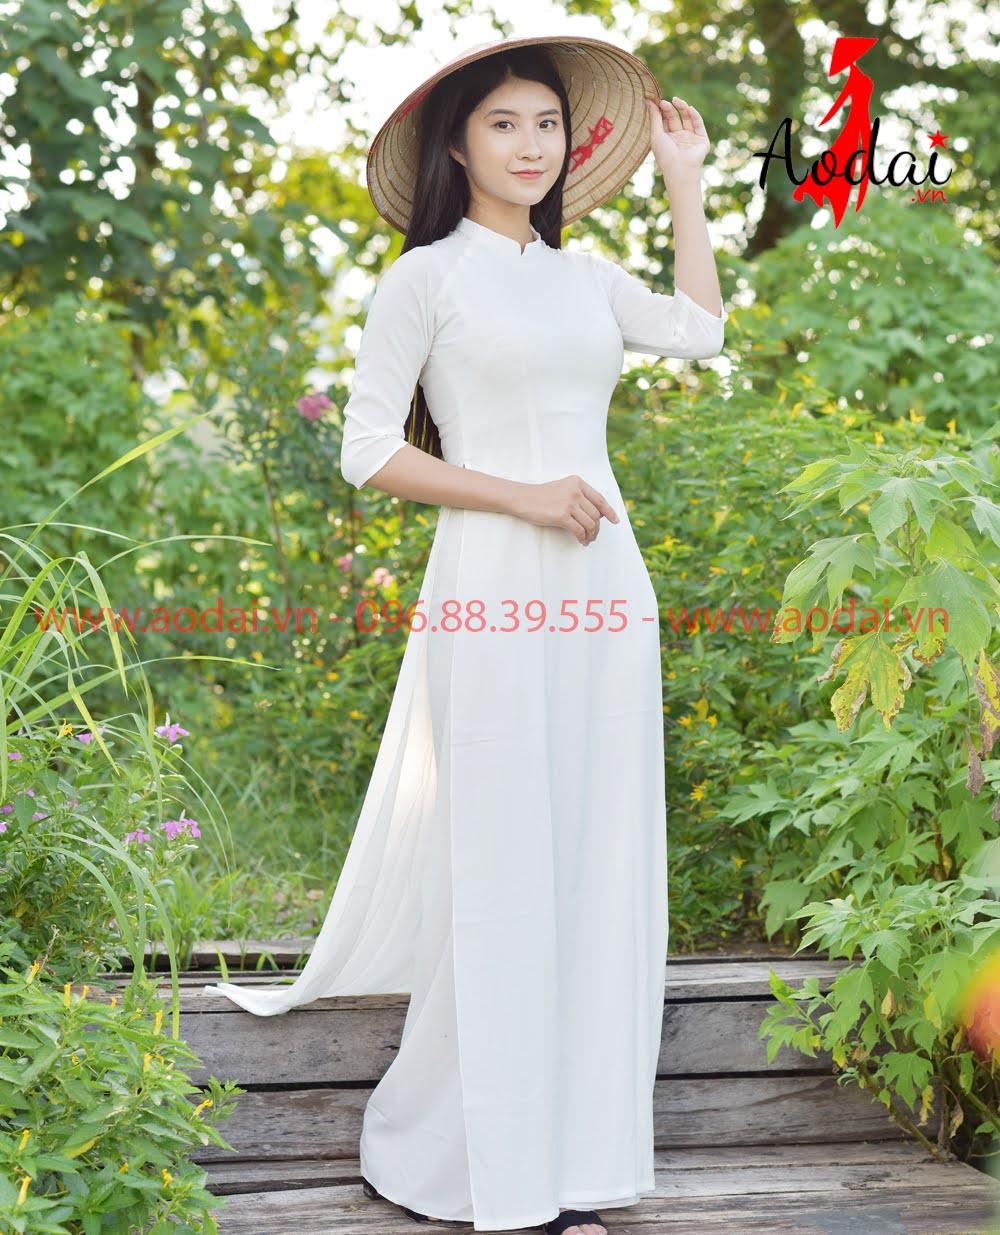 In áo dài tại Sóc Sơn